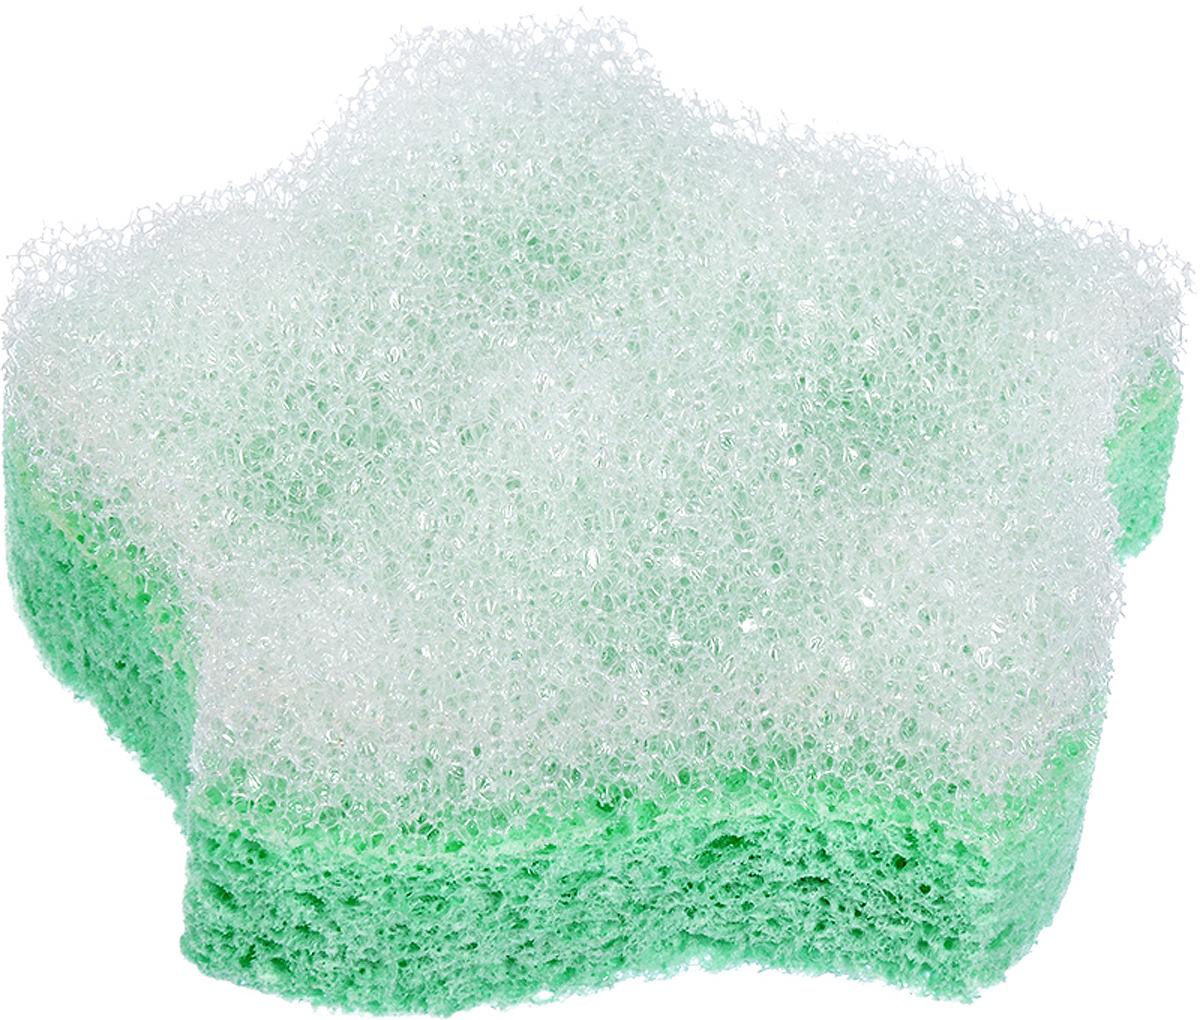 Мочалка Банные штучки, цвет: зеленый, с массажным слоем, 11 х 11 х 3,5 см мочалка из сизаля банные штучки 40057